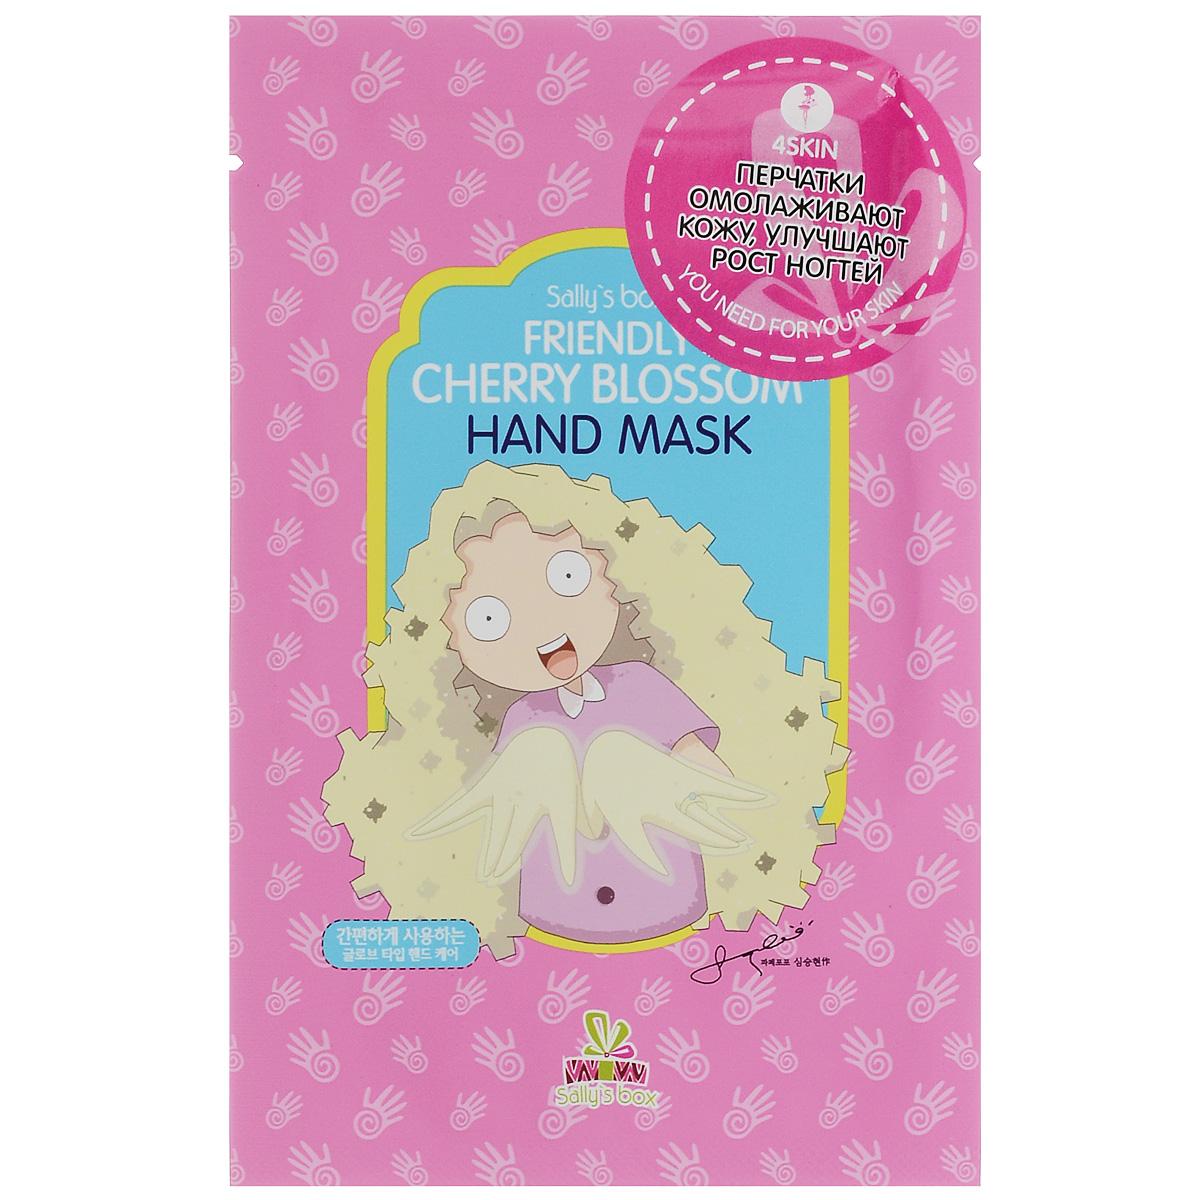 SALLY`S BOX Увлажняющие перчатки CHEERY BLOSSOM813362Увлажняющие перчатки для рук SALLYS BOX предназначены для глубокого увлажнения, питания и восстановления эластичности утомлённой кожи.Обогащенные комплексом природных экстрактов розмарина, сакуры, грейпфрута, а также маслам ши, маска быстро и глубоко проникает в кожу рук, питая и увлажняя ее, а новейшая разработка маски в форме перчаток позволит сделать процедуру наиболее эффективной и приятной.После применения маски для рук ваша кожа надолго останется гладкой, эластичной и шелковистой.Как ухаживать за ногтями: советы эксперта. Статья OZON Гид